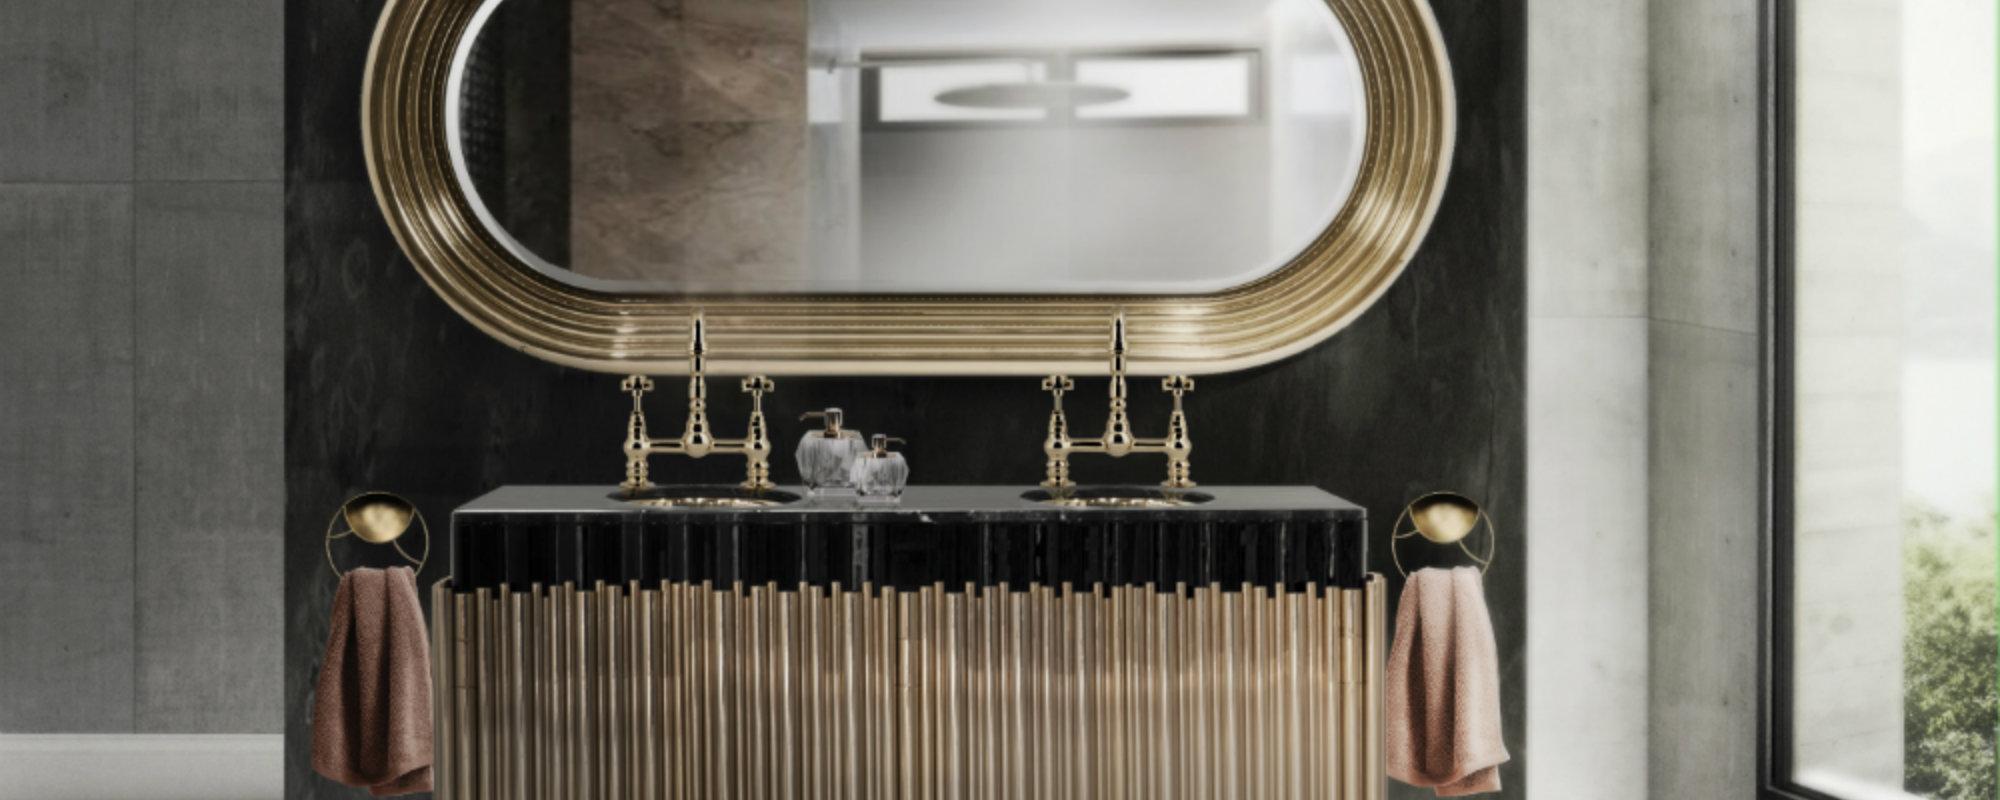 Ideas para baño: Piezas fantasticas para proyectos lujuosos ideas para baño Ideas para baño: Piezas fantasticas para proyectos lujuosos Featured 4